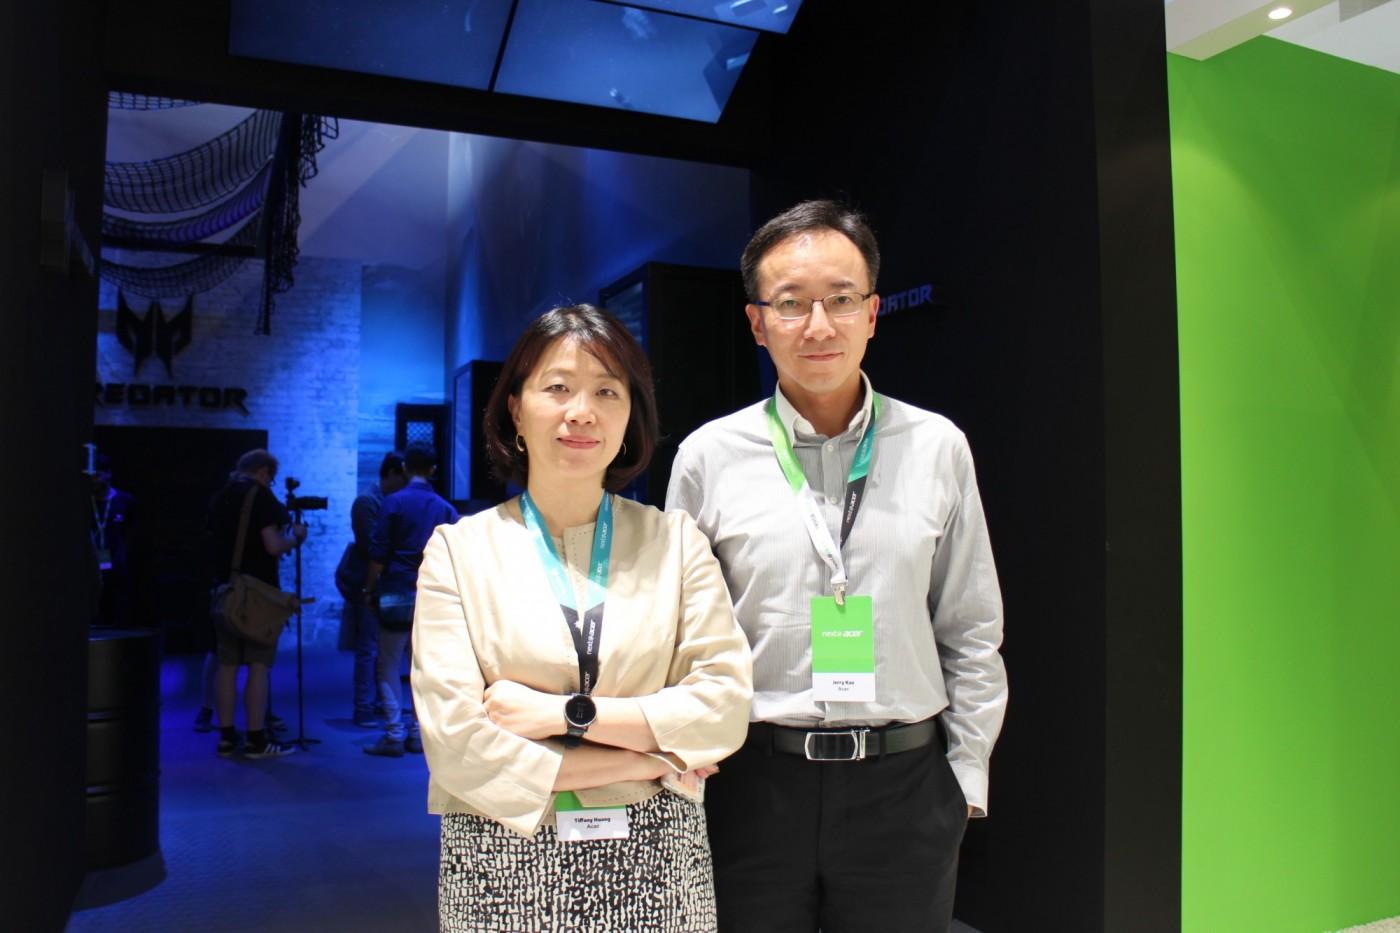 循台積電模式,宏碁宣布雙首長制